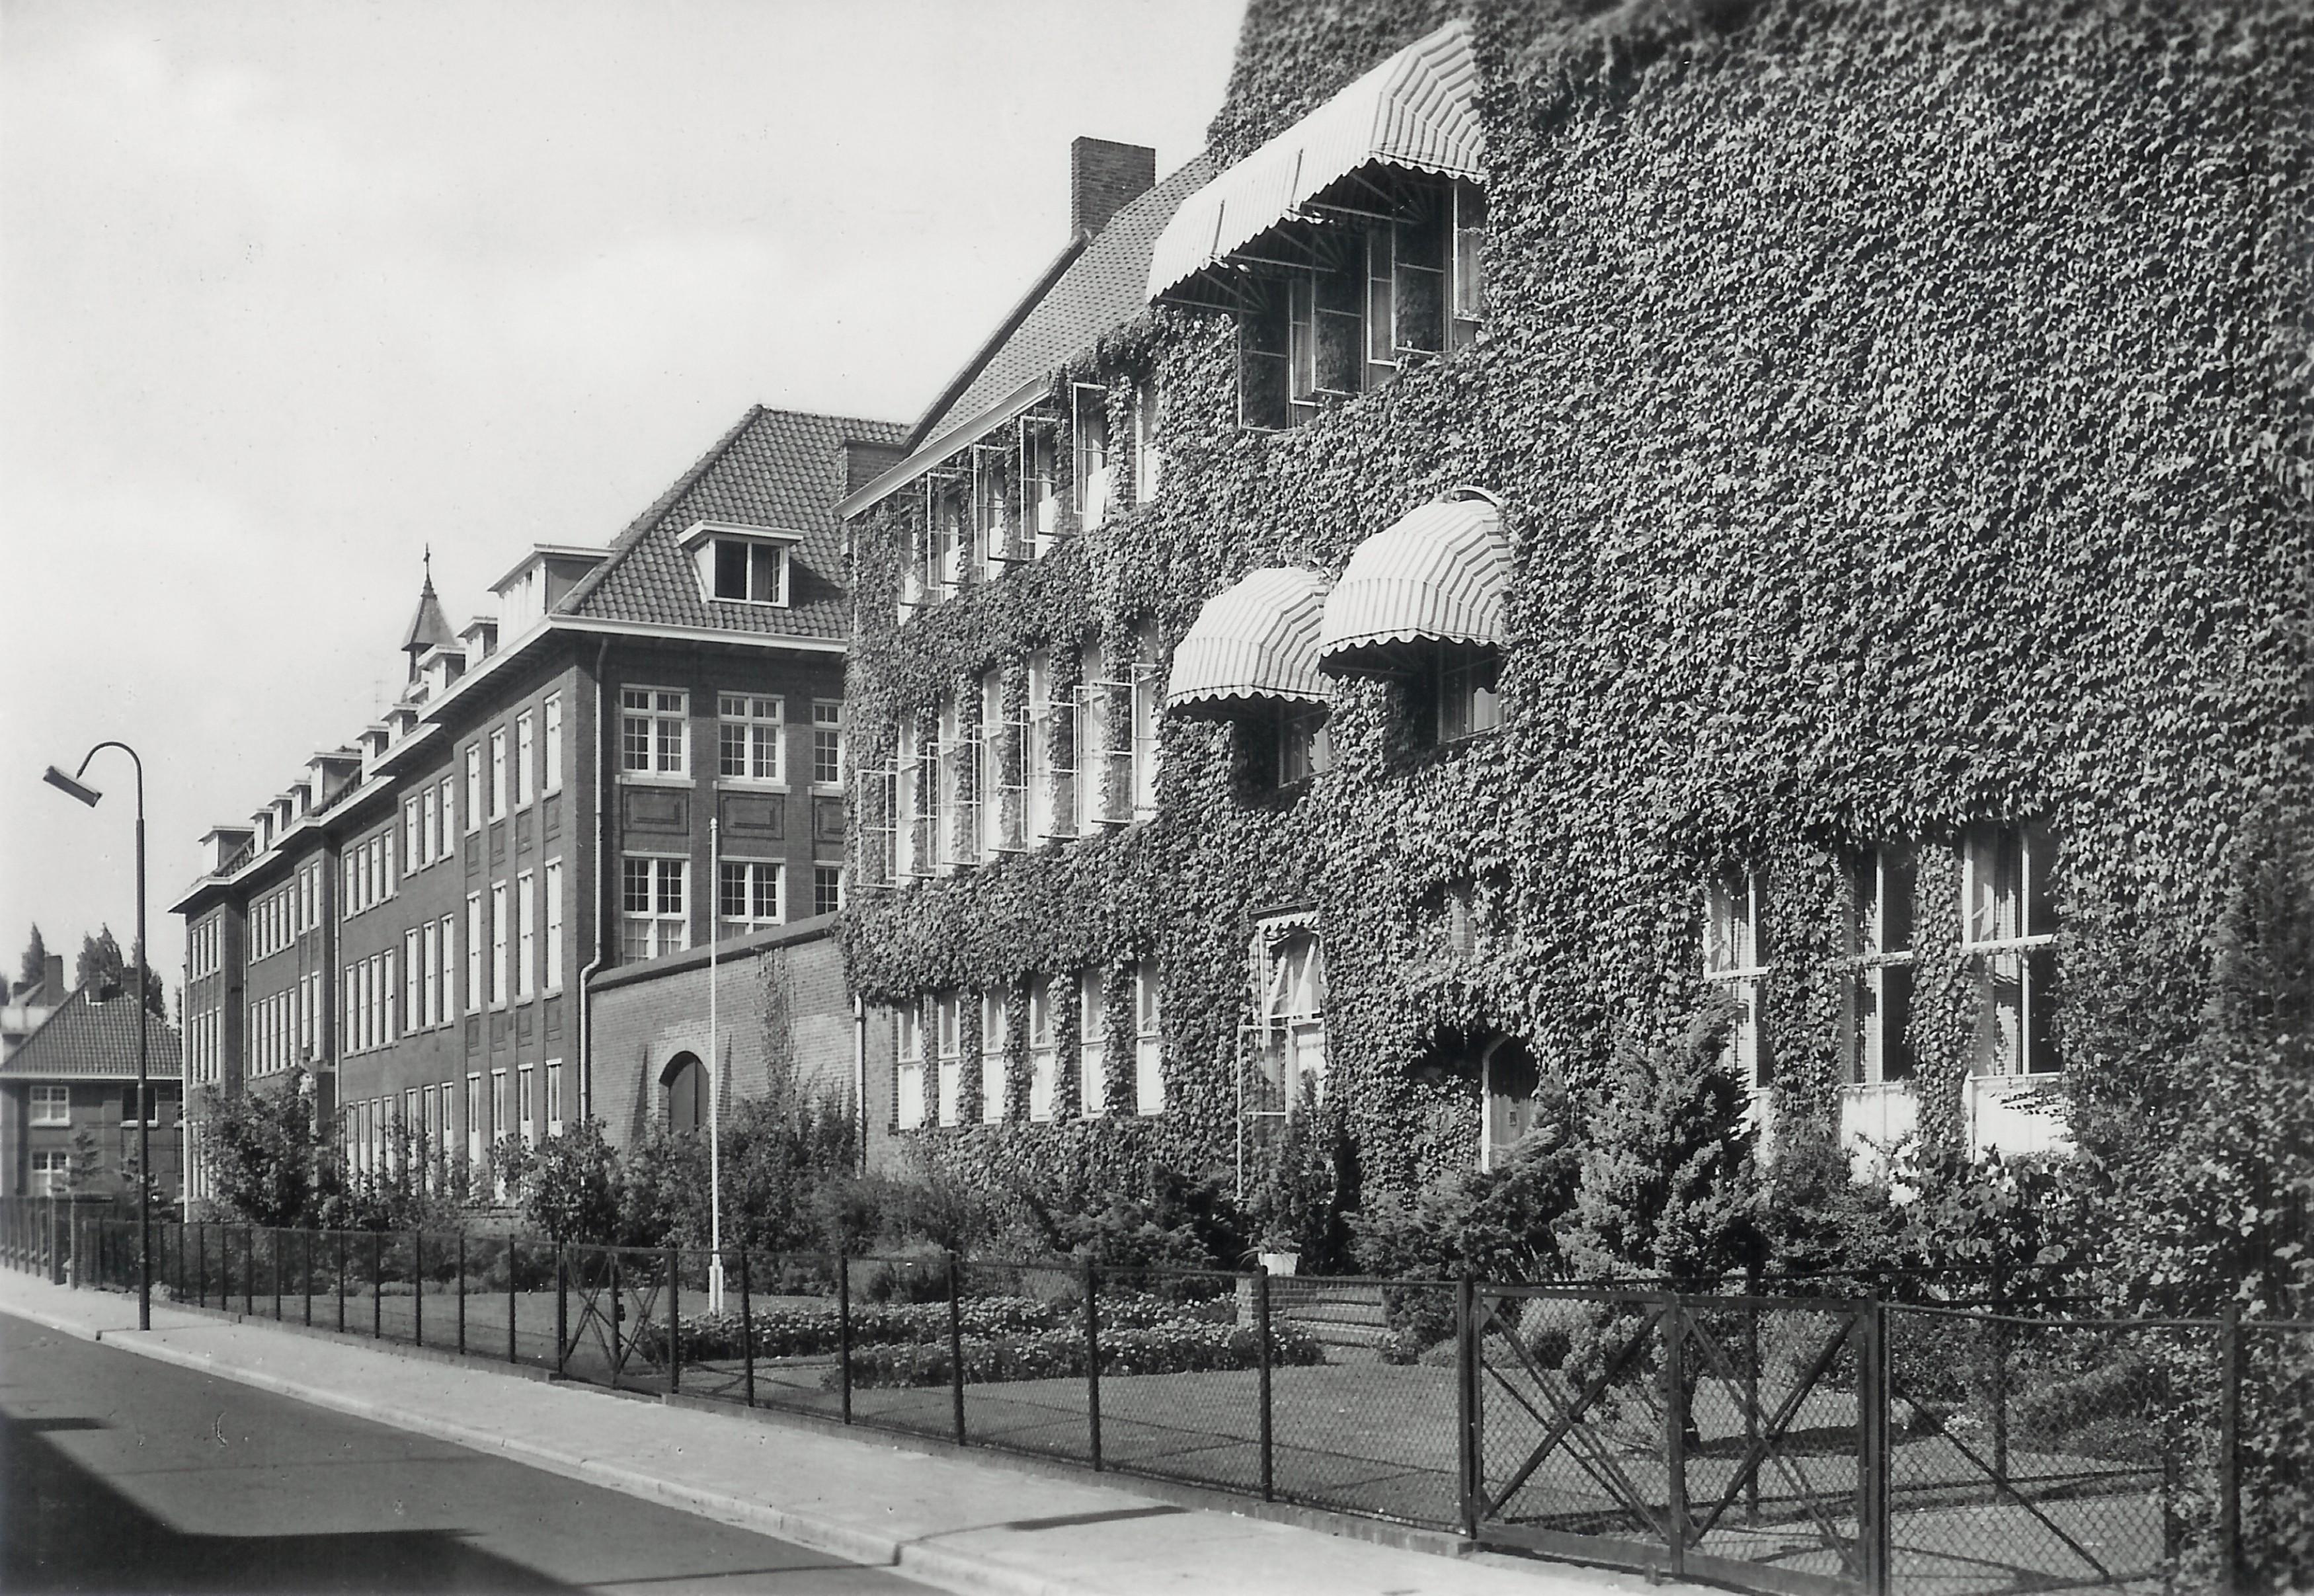 Foto uit 1970. Het begroeide gebouw is tegenwoordig volledig weg, ook de stenen muur die de gebouwen met elkaar verbond is weg. Overblijfselen hiervan zijn tegenwoordig nog wel zichtbaar.